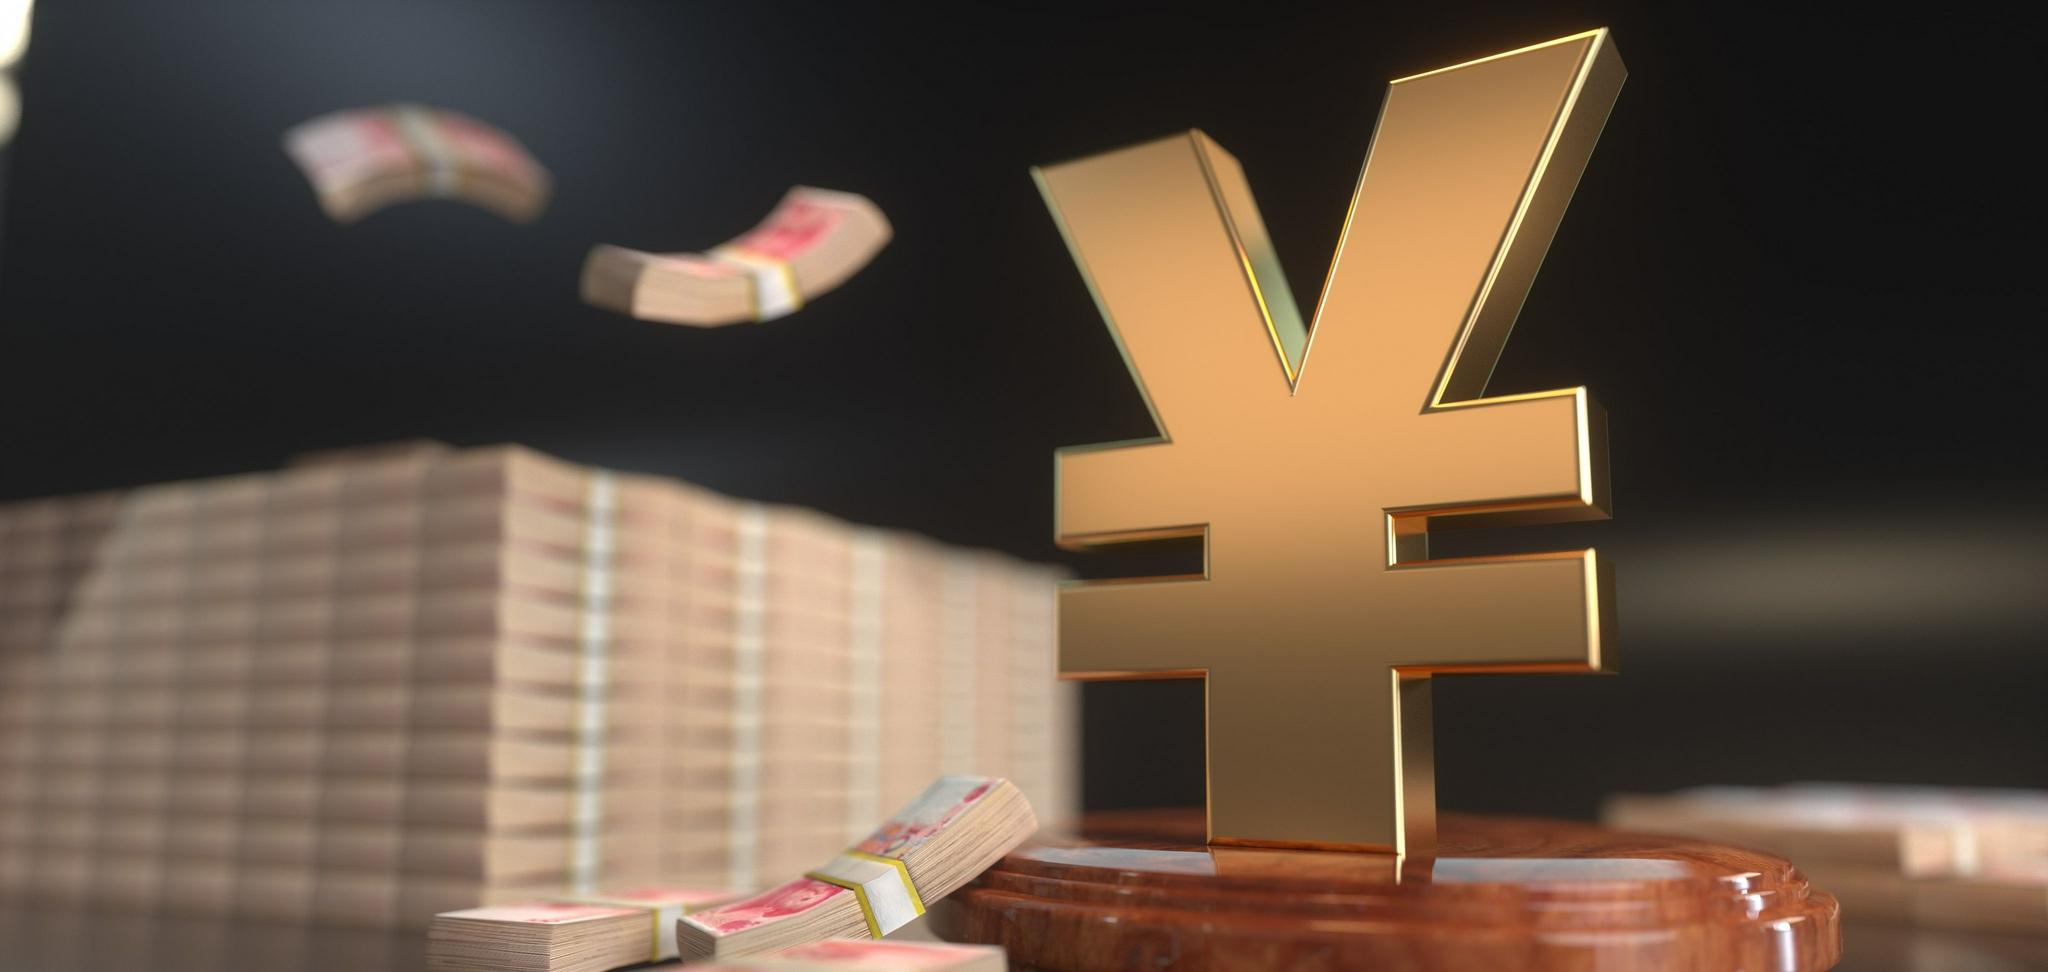 《【手机超越注册】美元地位岌岌可危?高盛分析师:人民币将成为世界第三大储备货币》